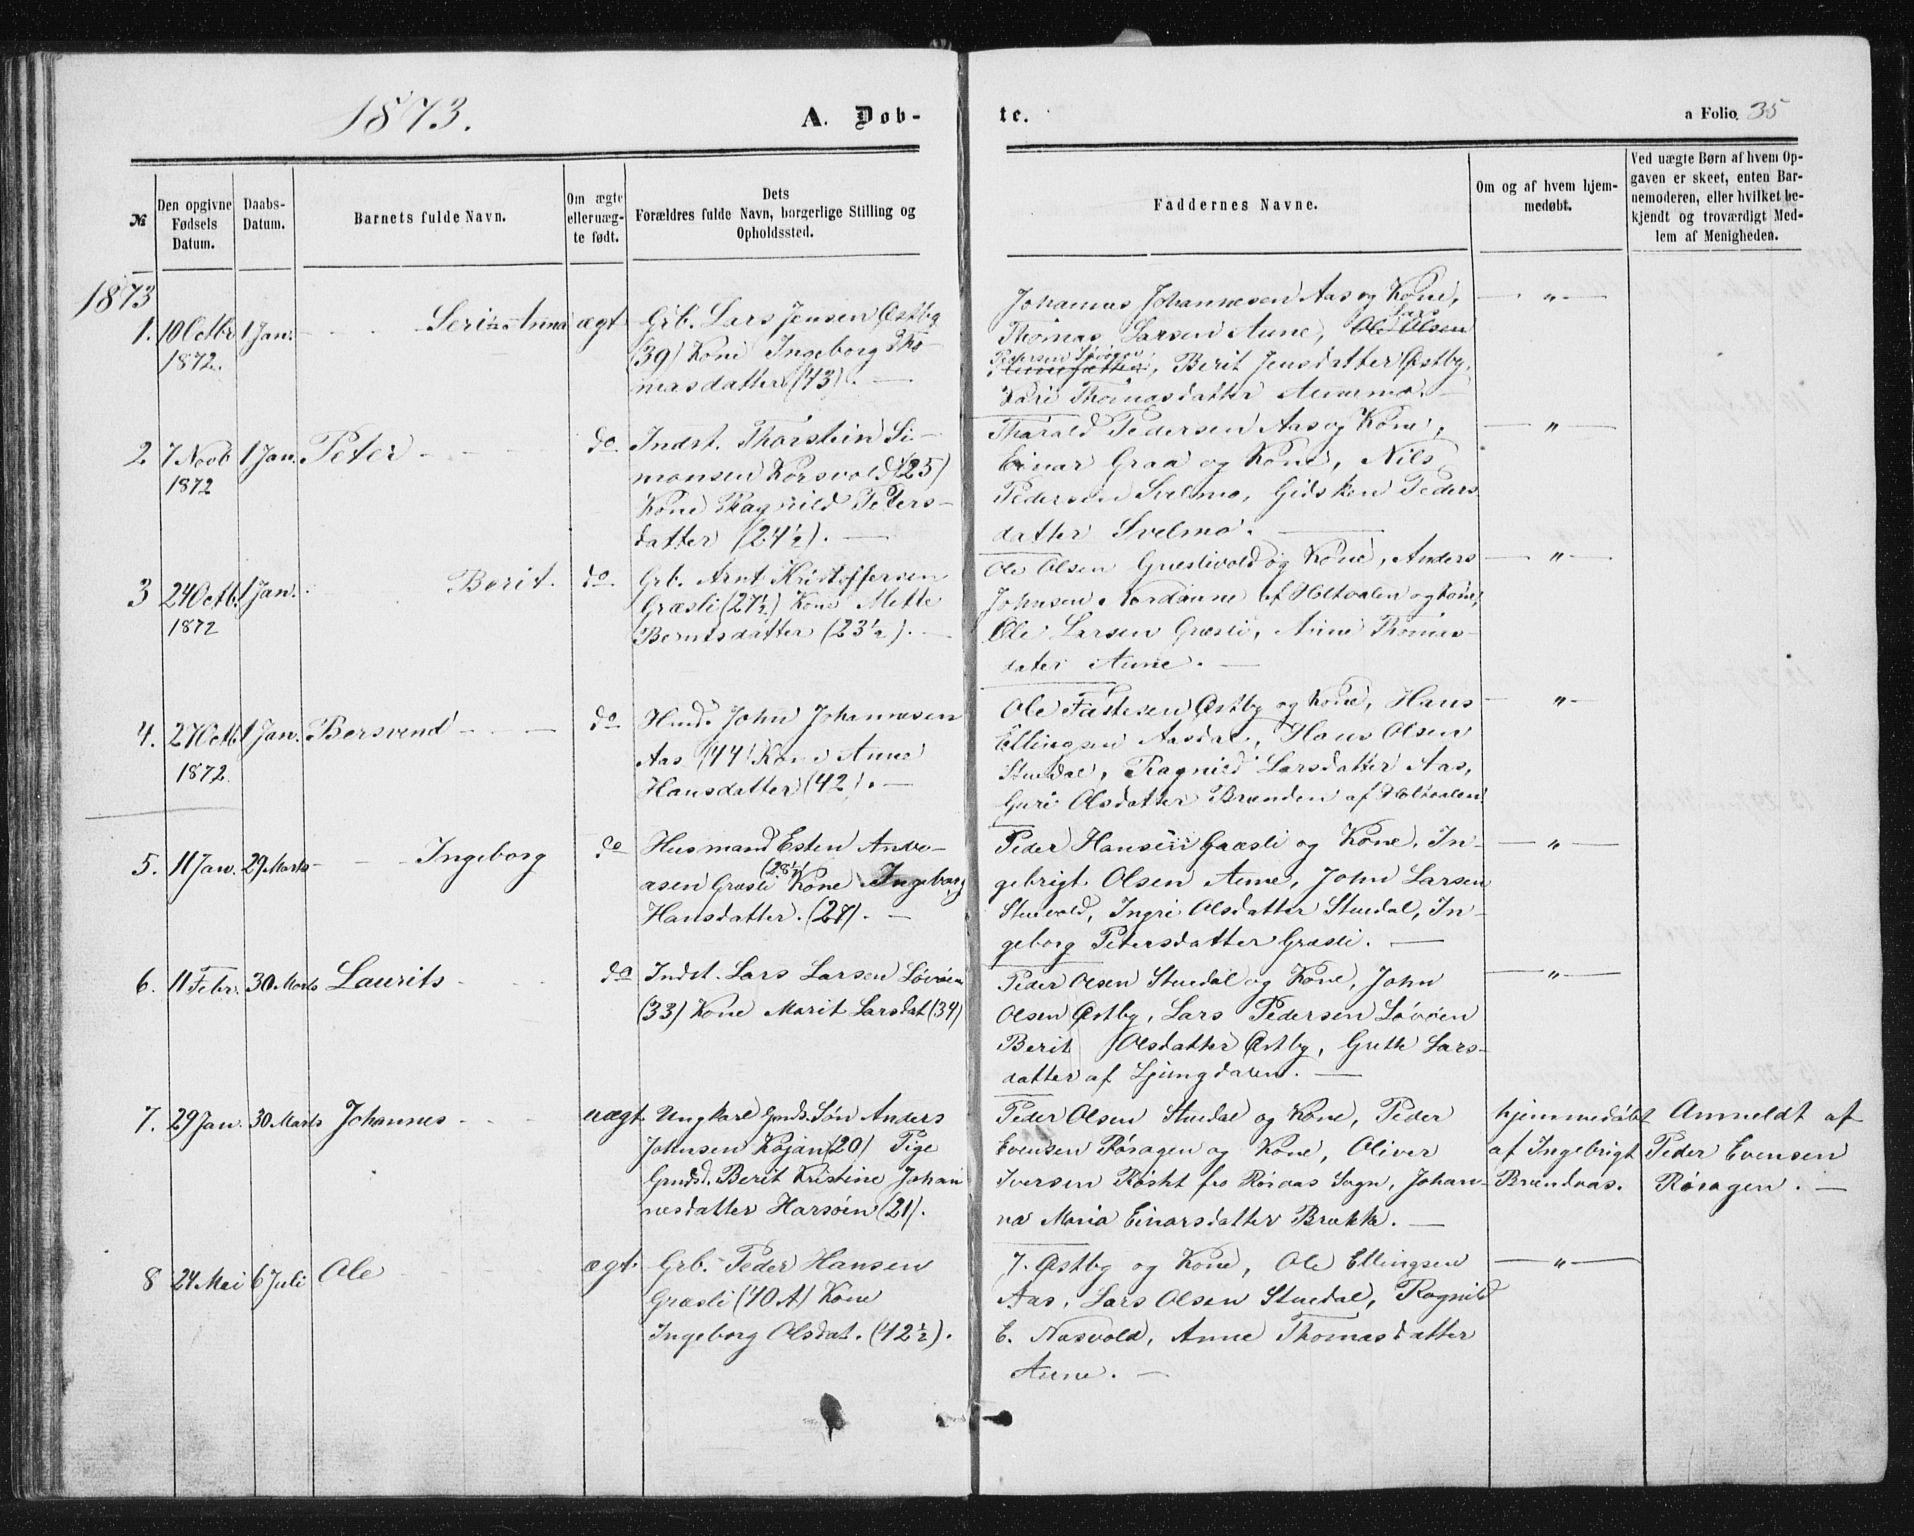 SAT, Ministerialprotokoller, klokkerbøker og fødselsregistre - Sør-Trøndelag, 698/L1166: Klokkerbok nr. 698C03, 1861-1887, s. 35